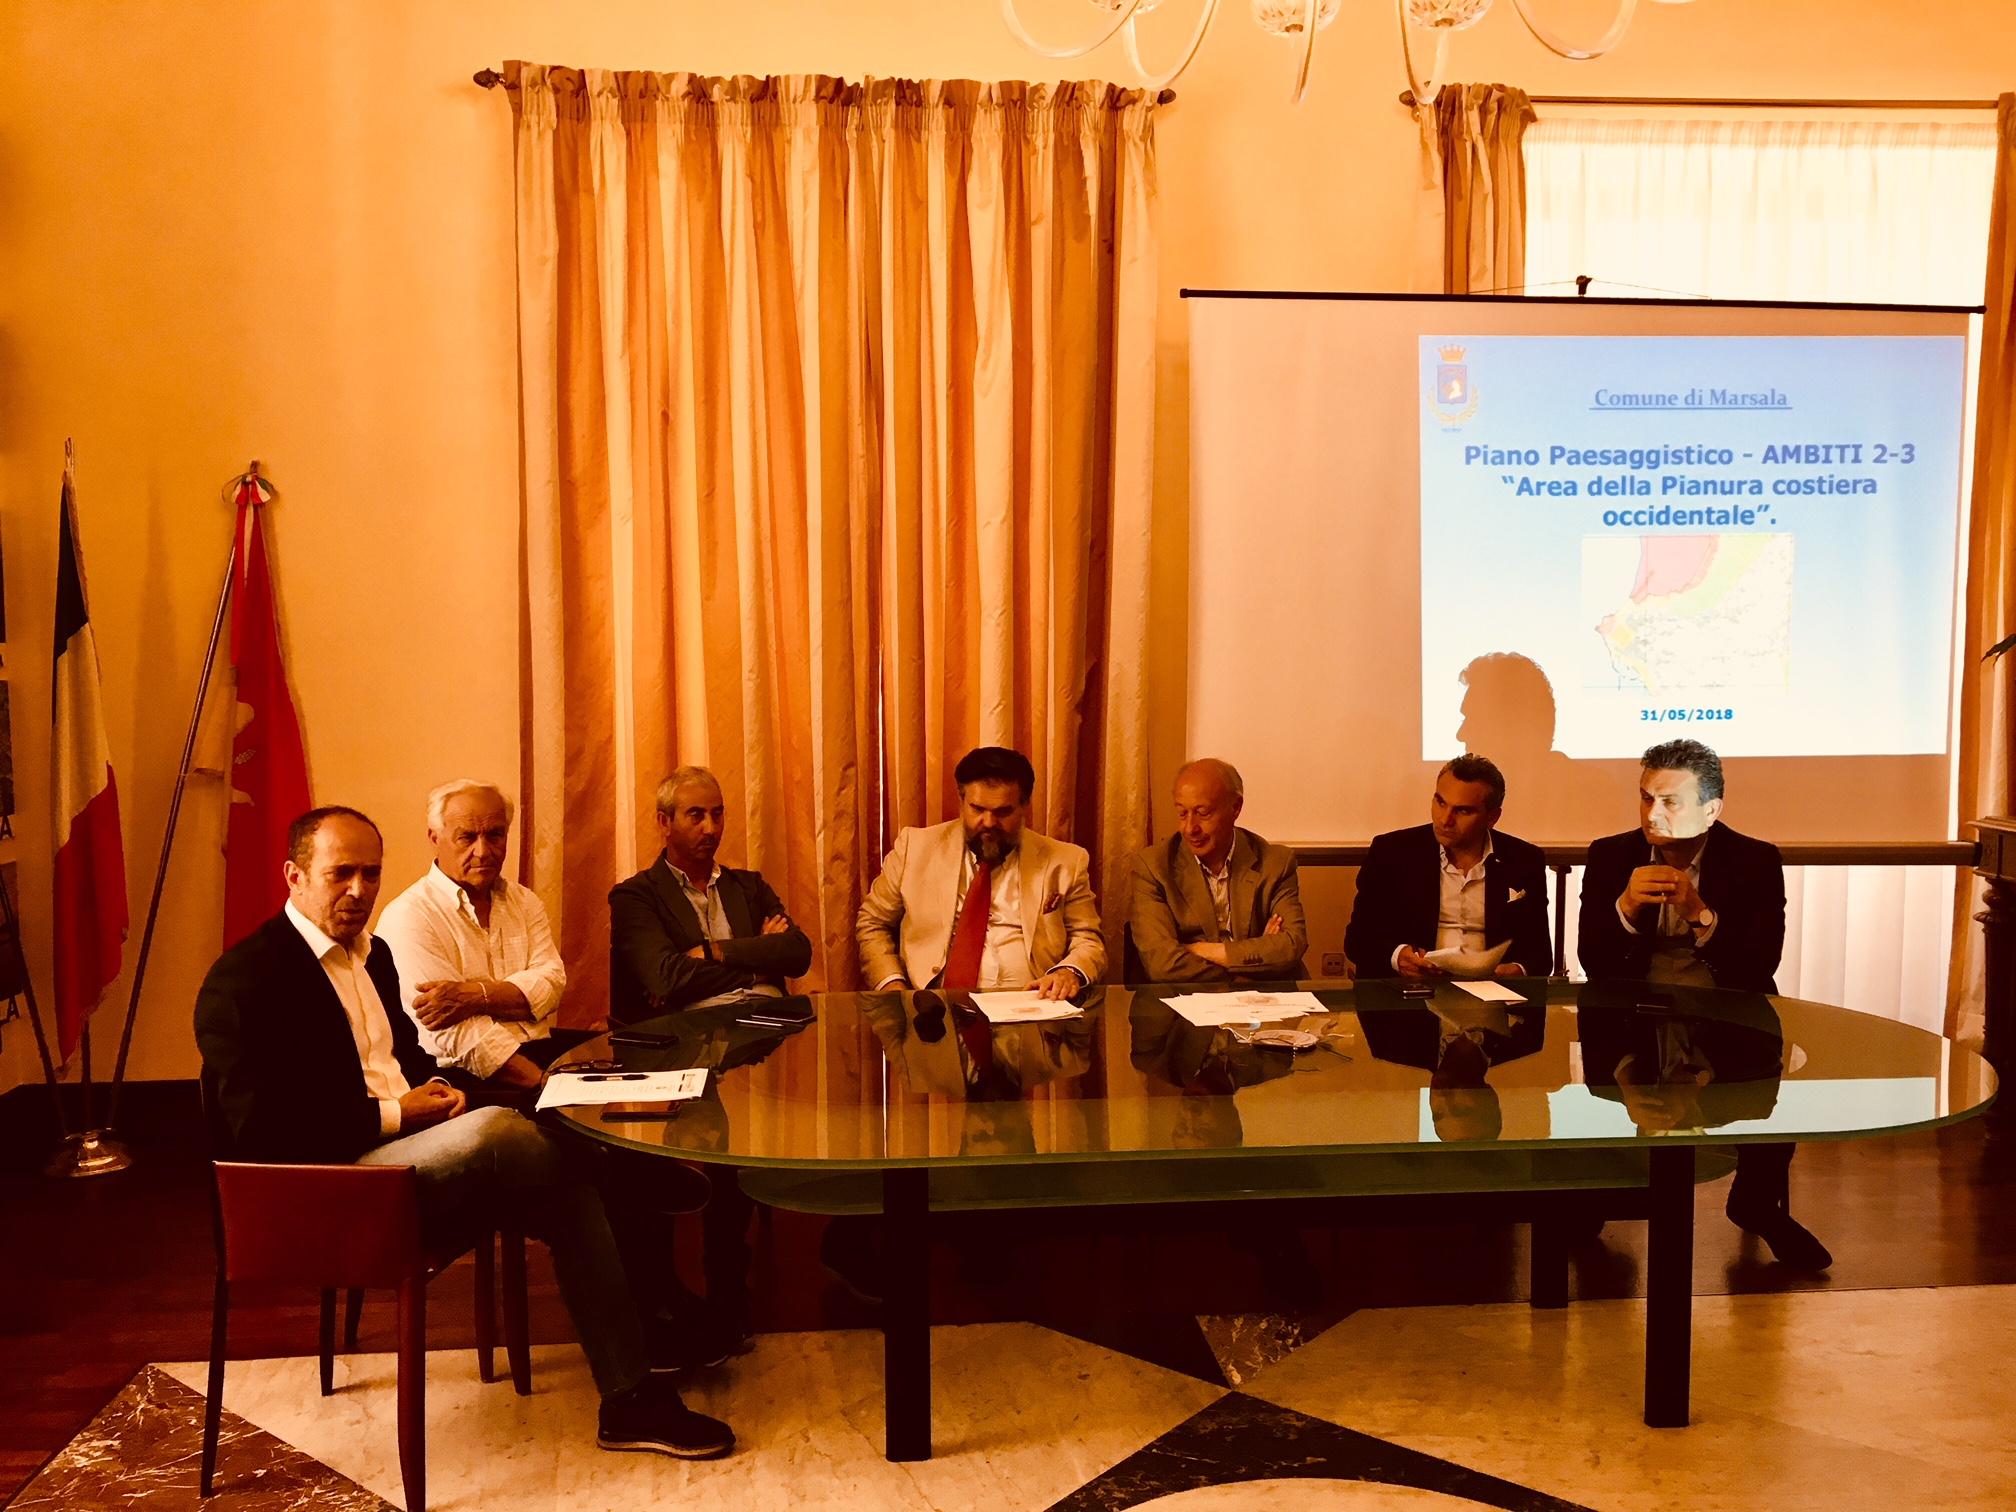 conferenza stampa Piano Paesaggistico